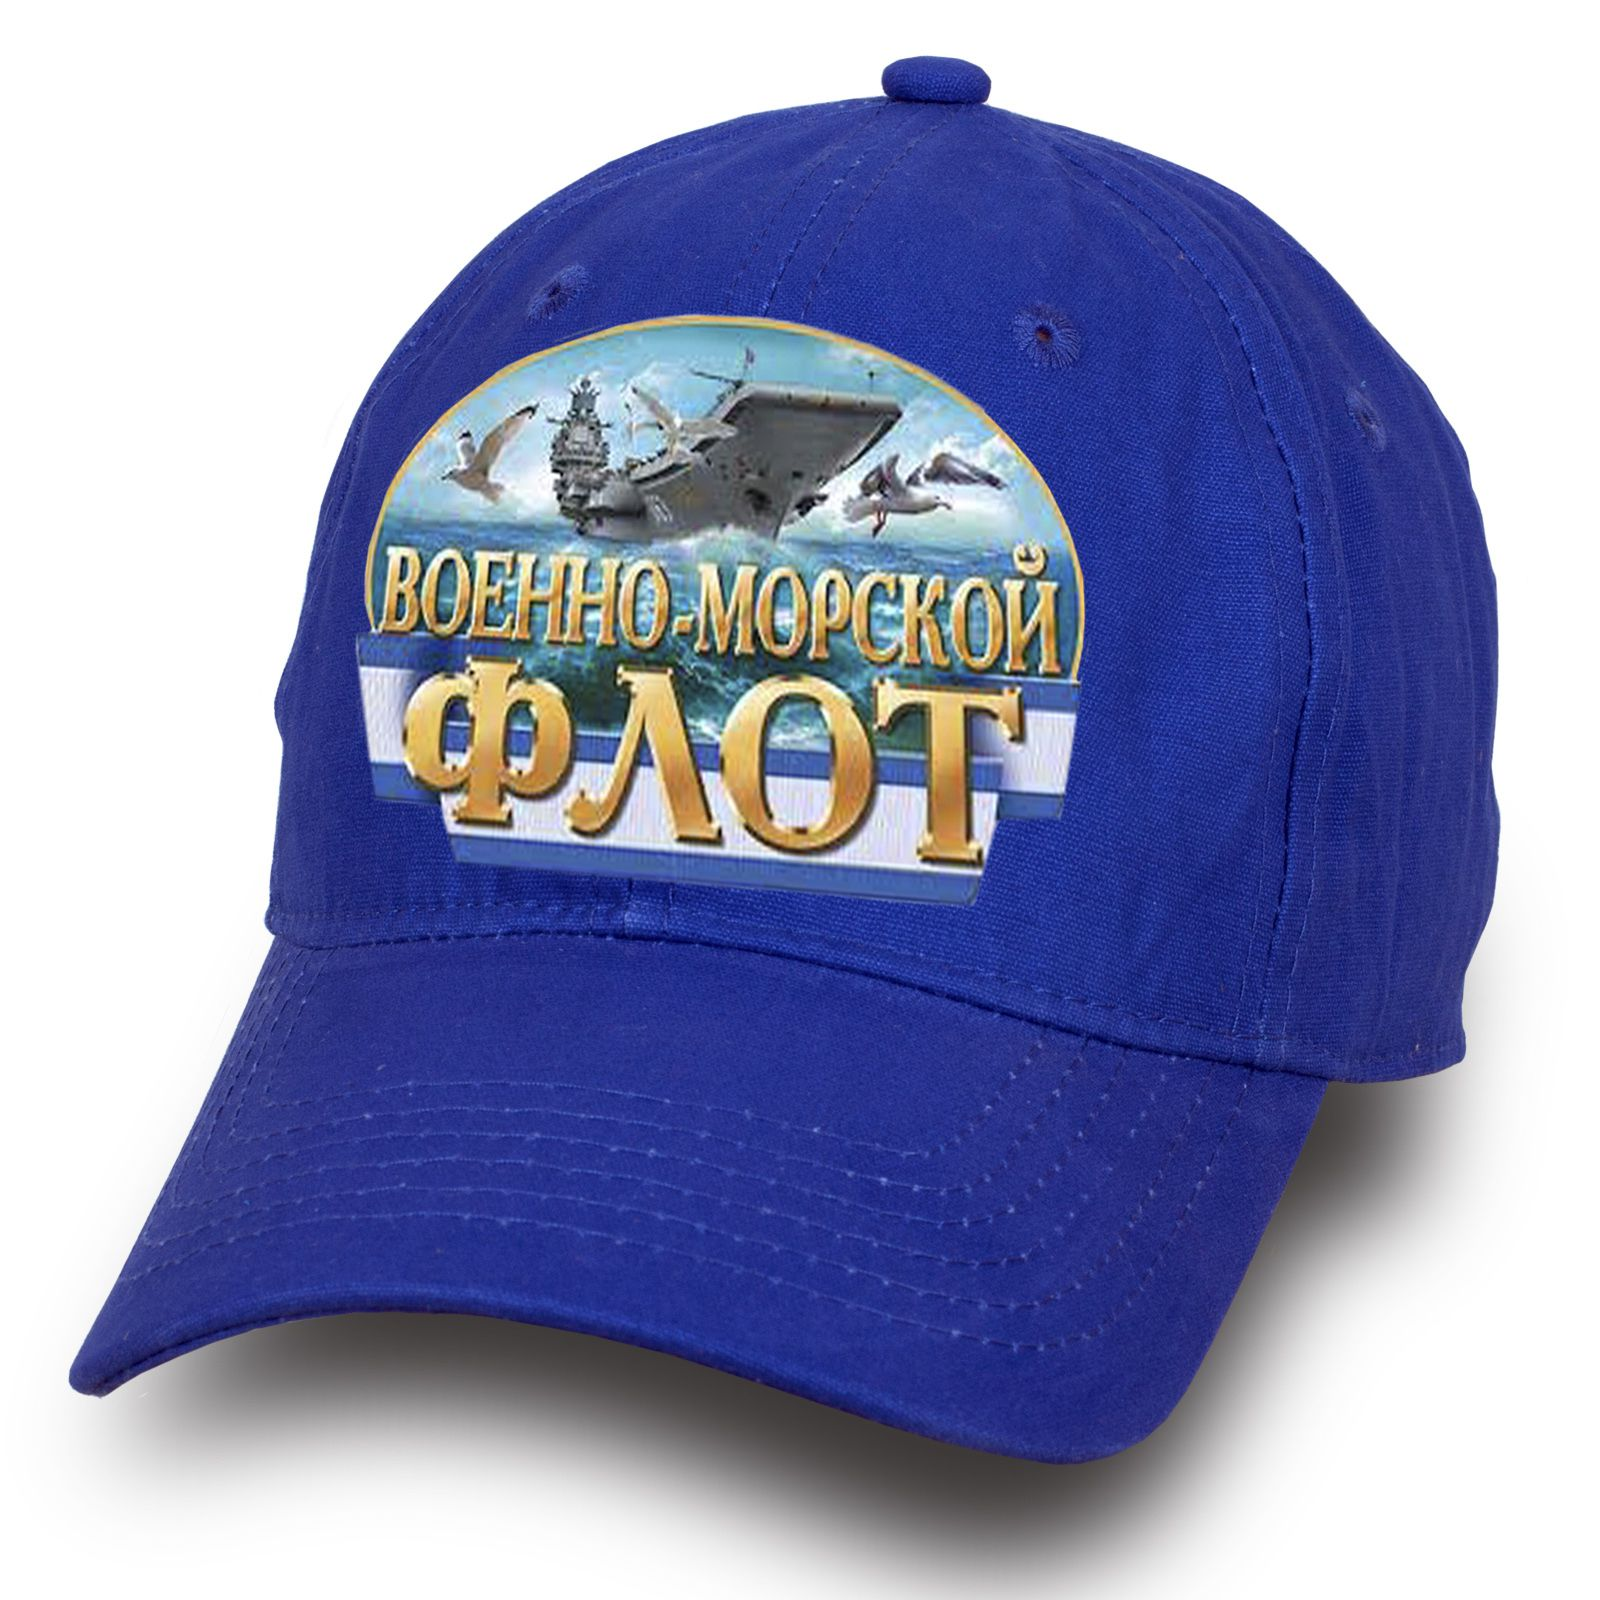 Бейсболка Военно-морского флота - купить по специальной цене